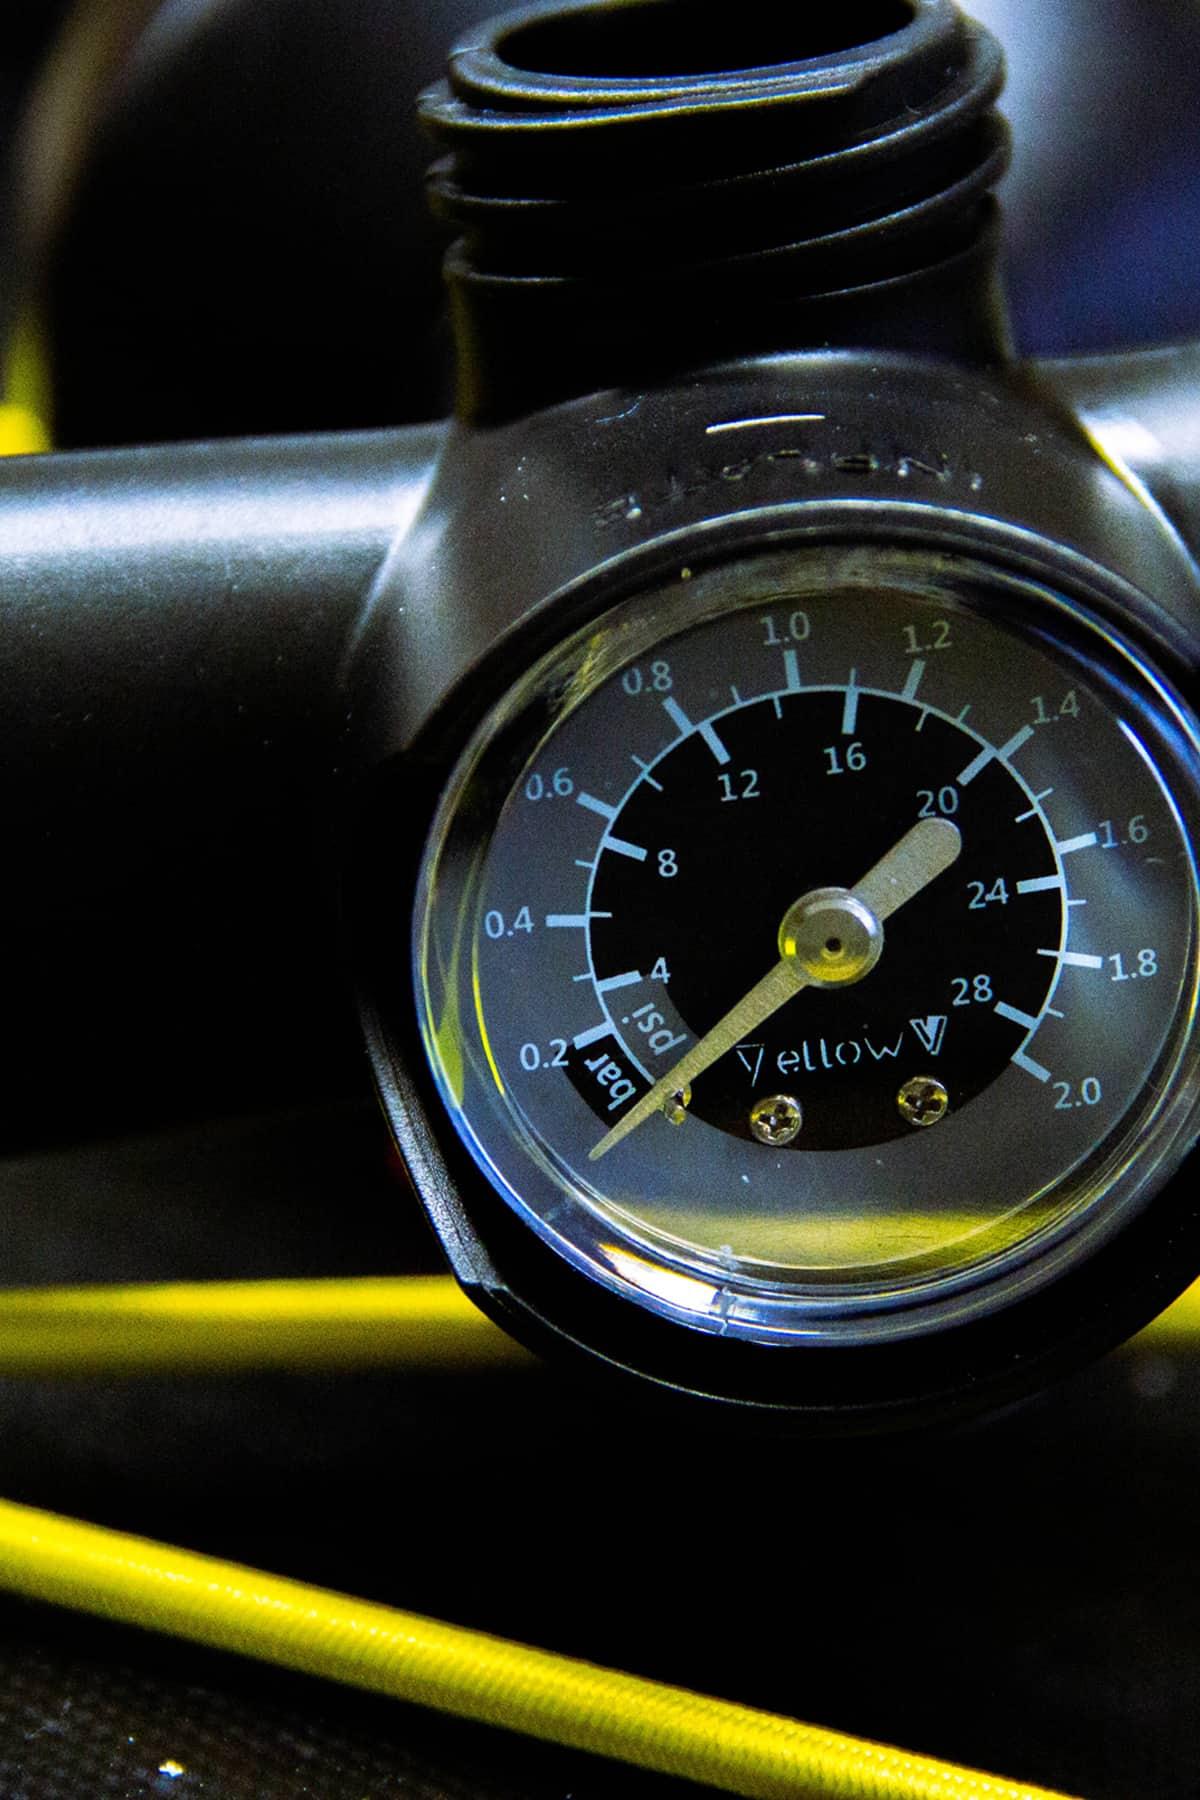 Yellow V - 2 way Pump